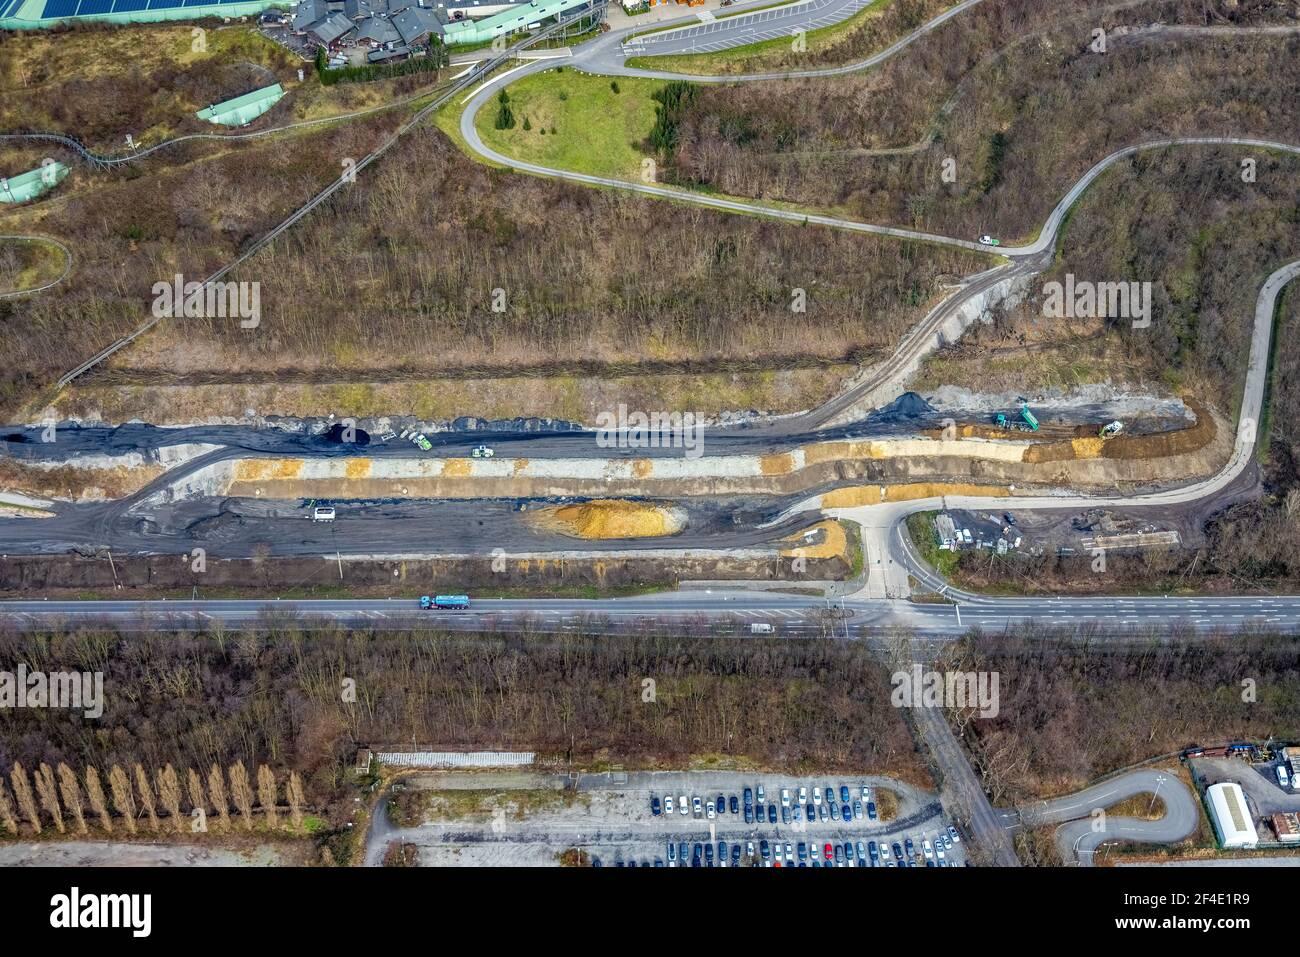 Luftaufnahme, Alpincenter Bottrop, Prosperstraße slagheap, Bottrop, Ruhrgebiet, Nordrhein-Westfalen, Deutschland, Slagheapen, DE, Europa, Freizeiteinrichtungen, Stockfoto